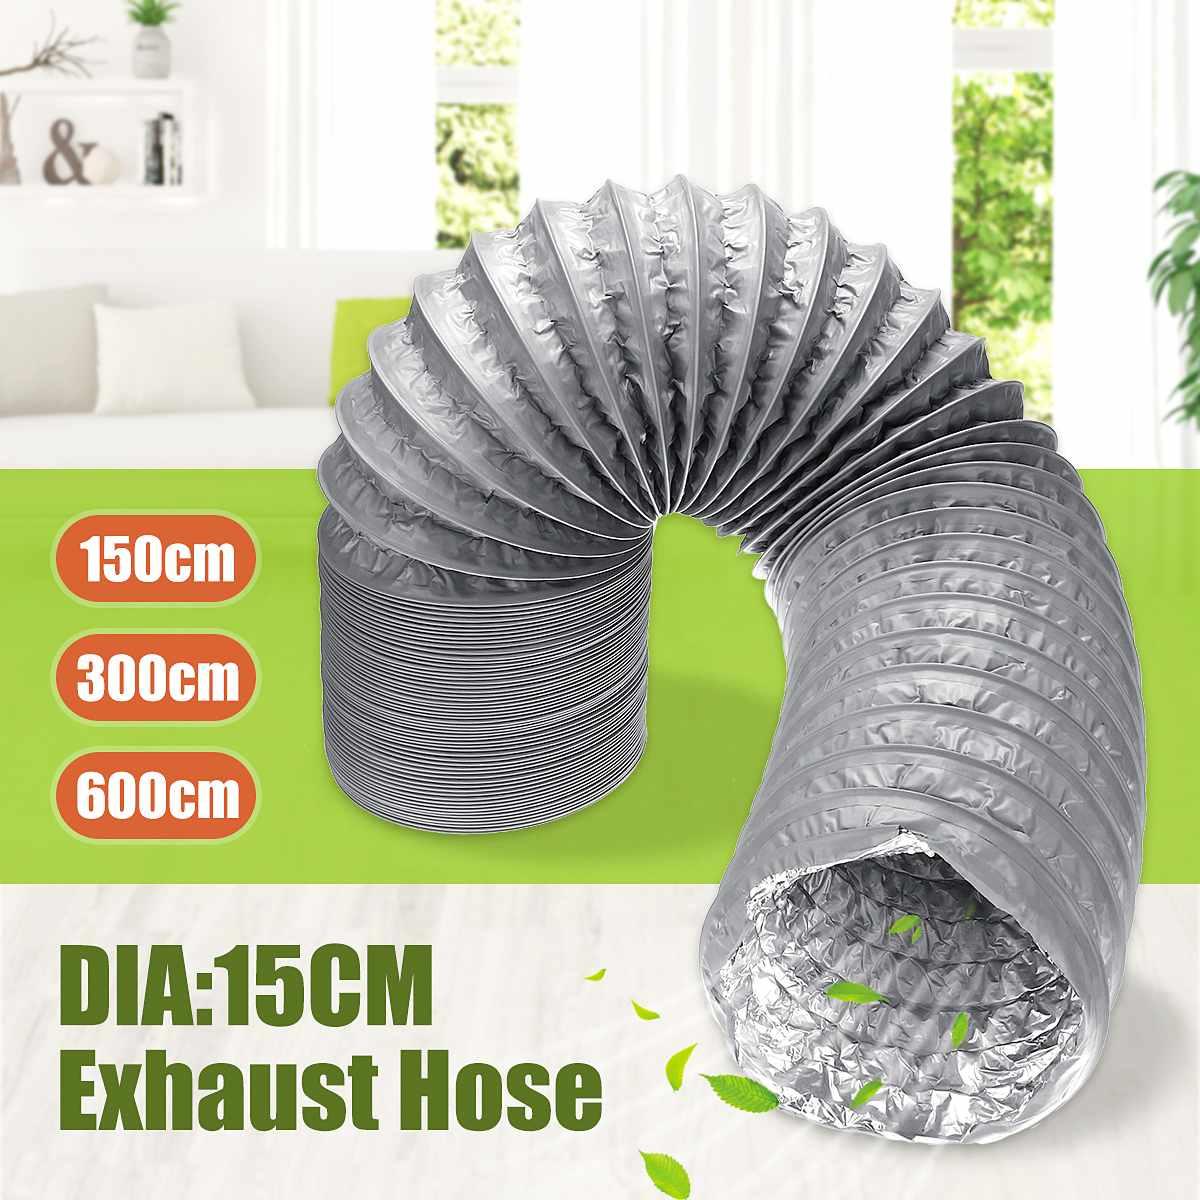 Exhaust Tube 150mm 130mcm 1.5M/3M/6M Flexible PVC Alufoil Exhaust Vent Hose Air Ventilation Exhaust Fan Pipe Kitchen Accessories